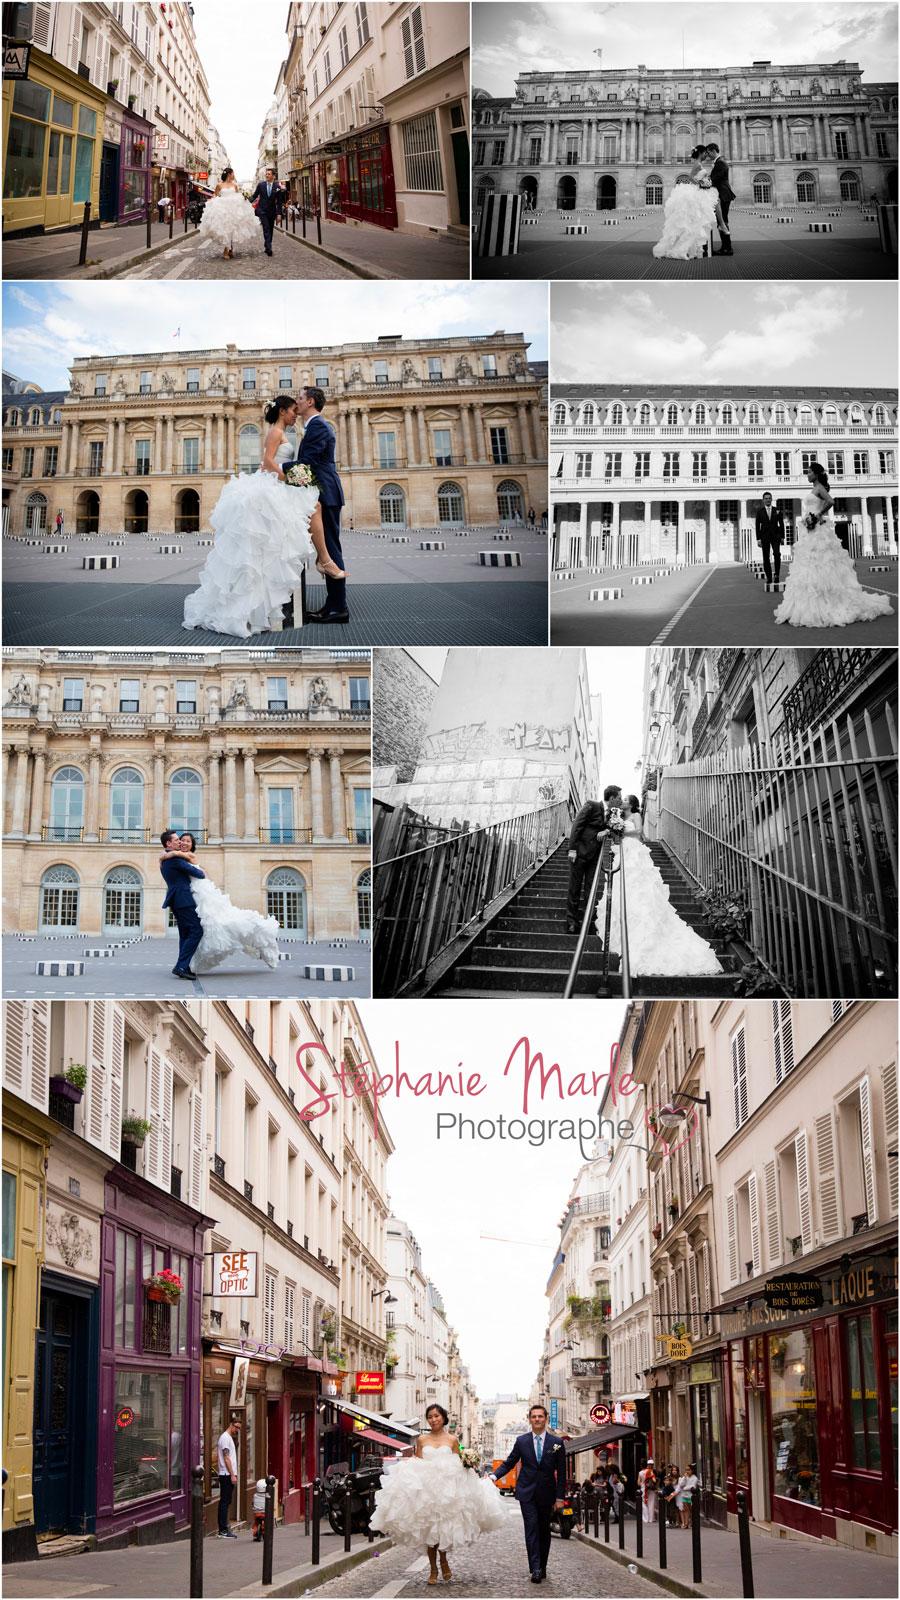 photographe.colonne.de.burenes.couples.mur.des.je.taime.couples.paris